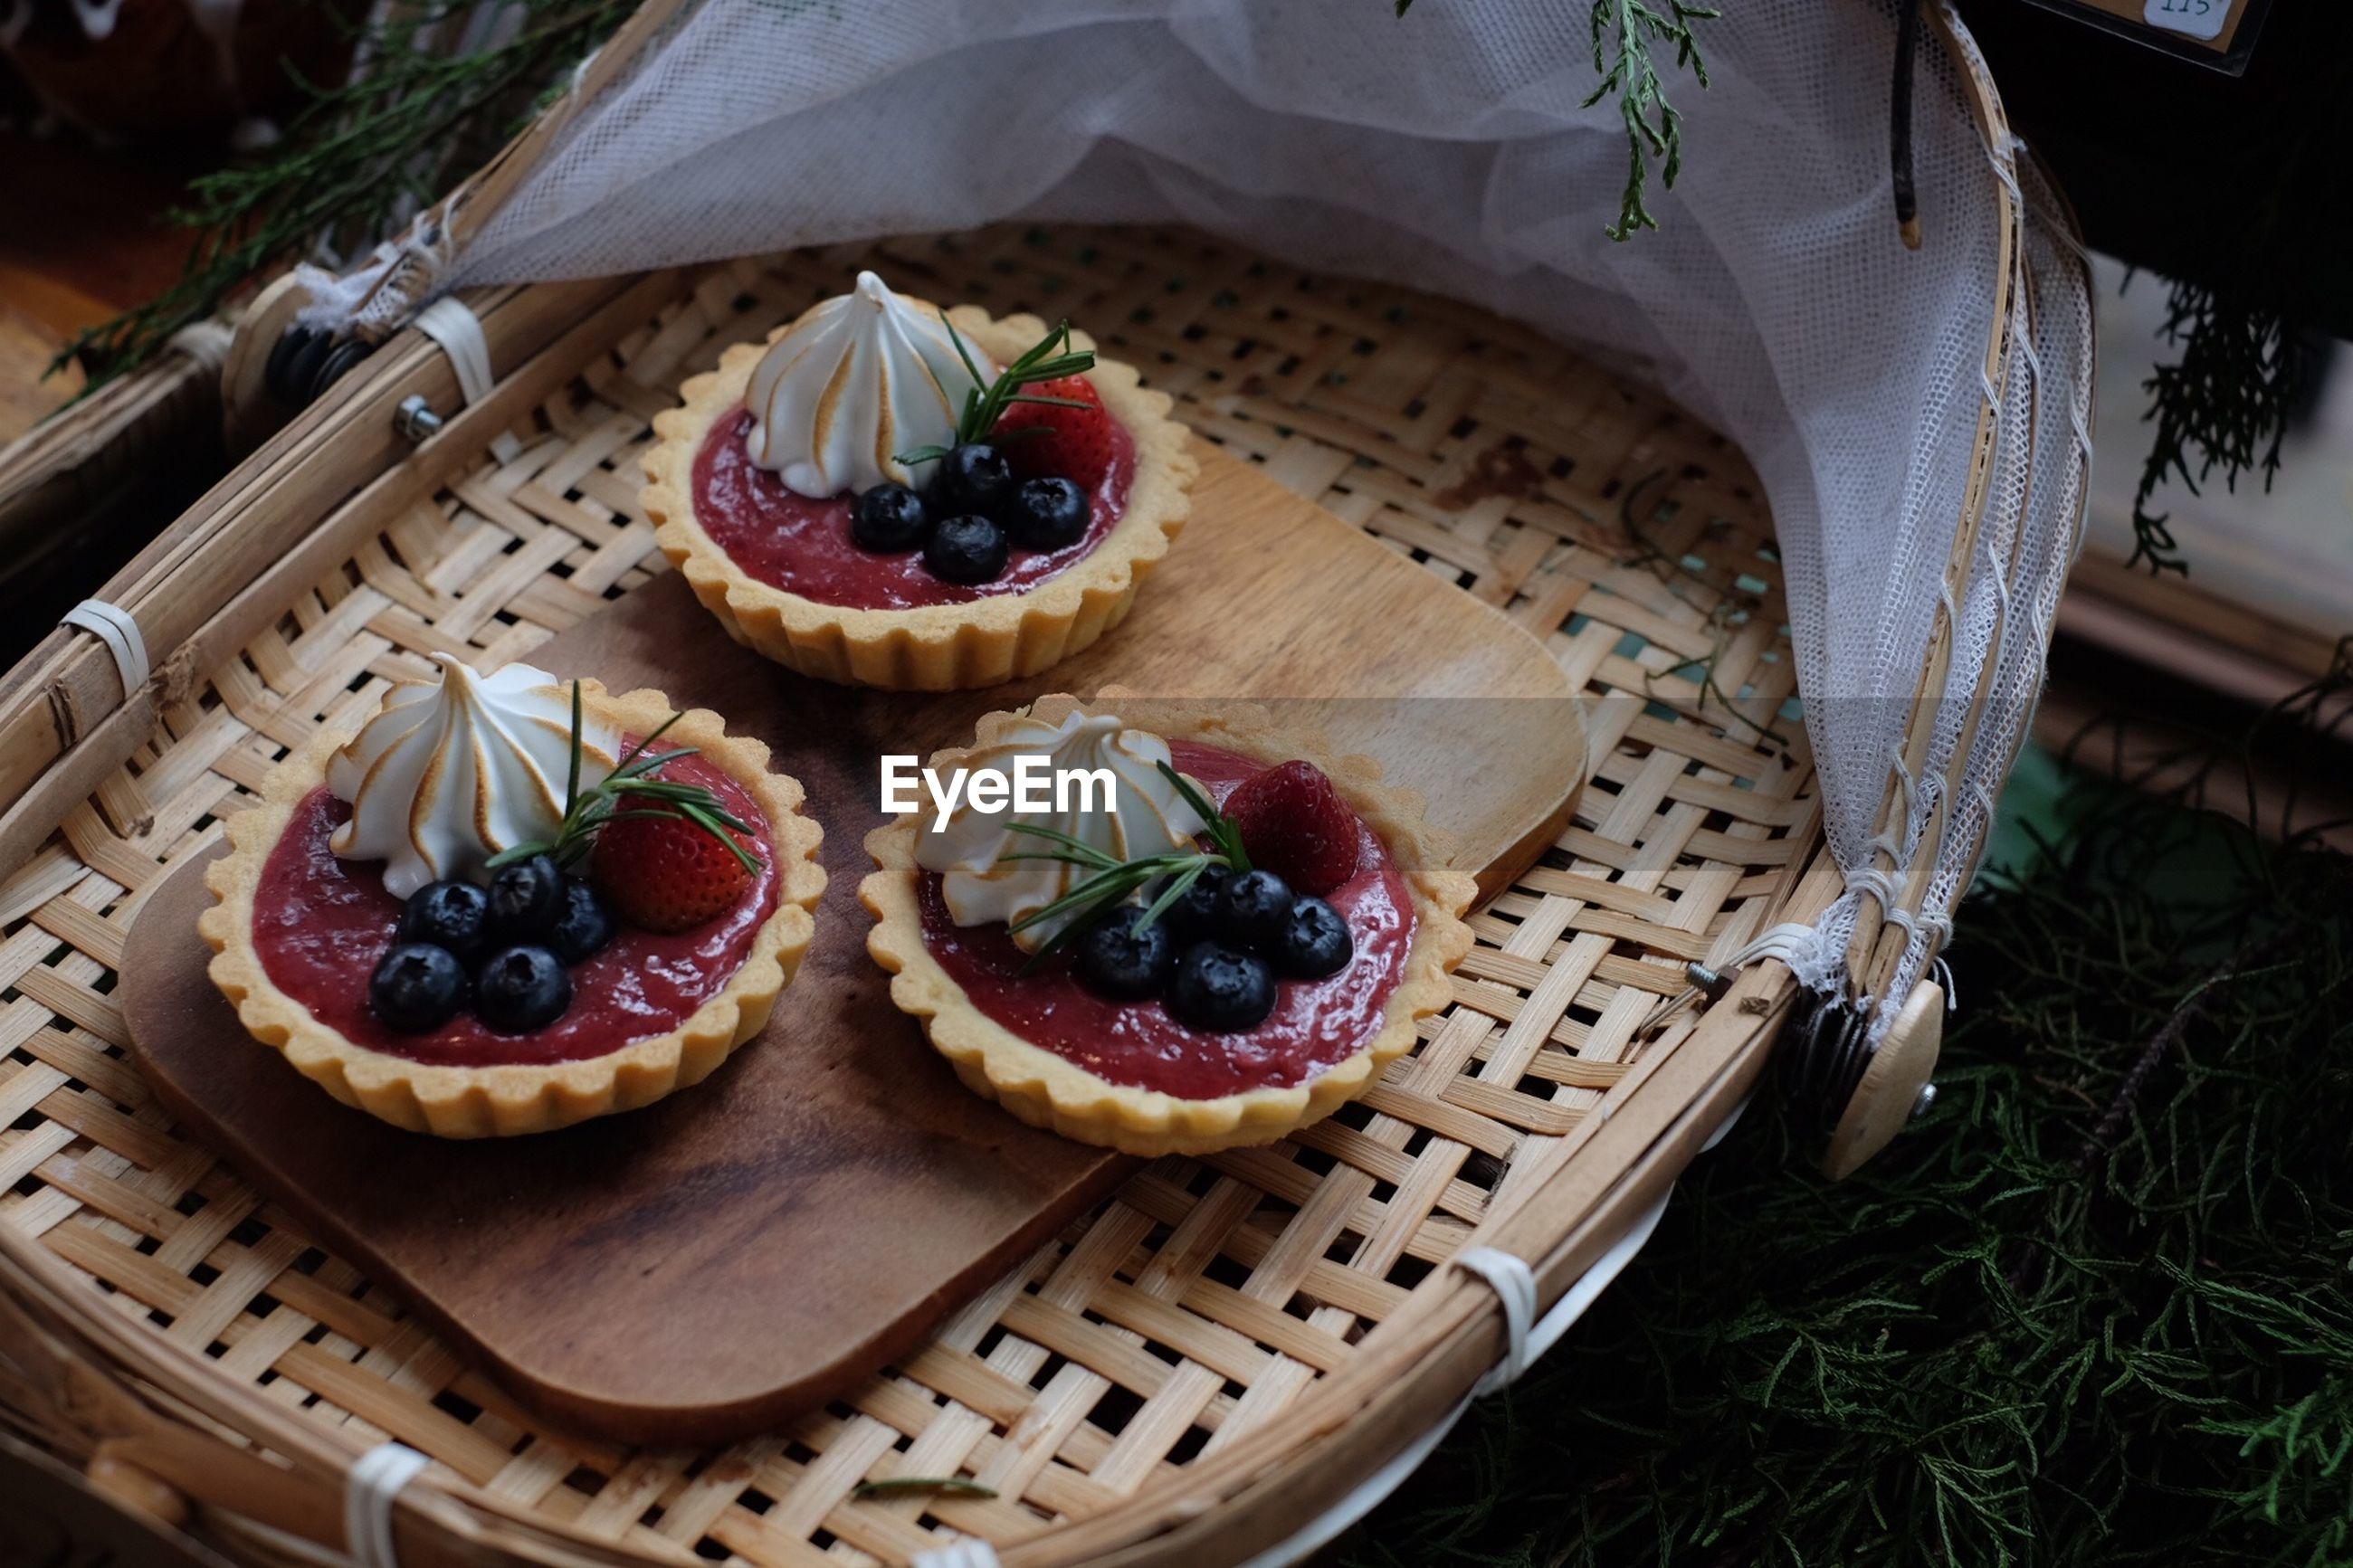 High angle view of dessert on basket